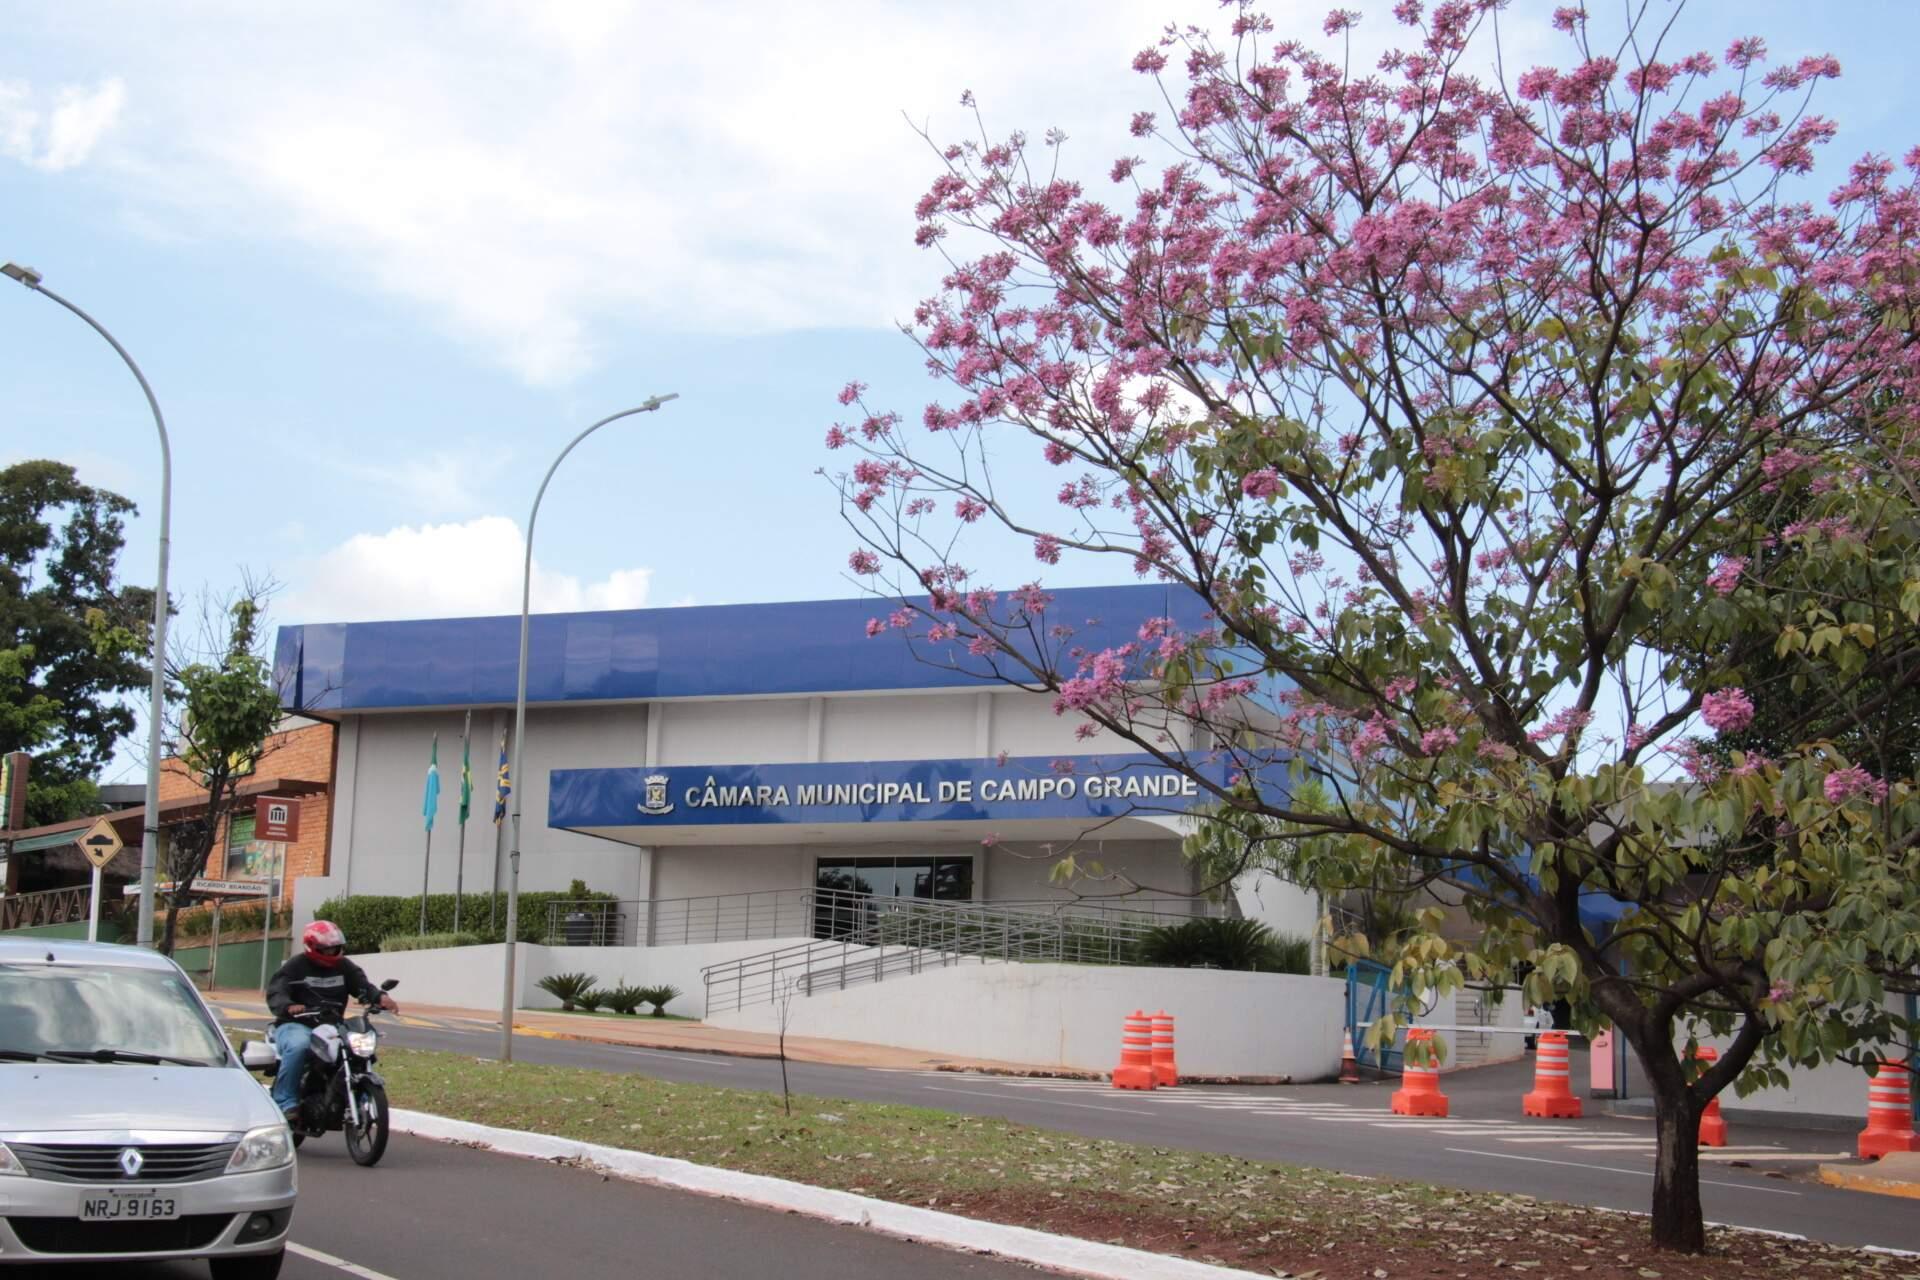 Câmara Municipal de Campo Grande receberá audiência nesta quarta (Foto: Divulgação)